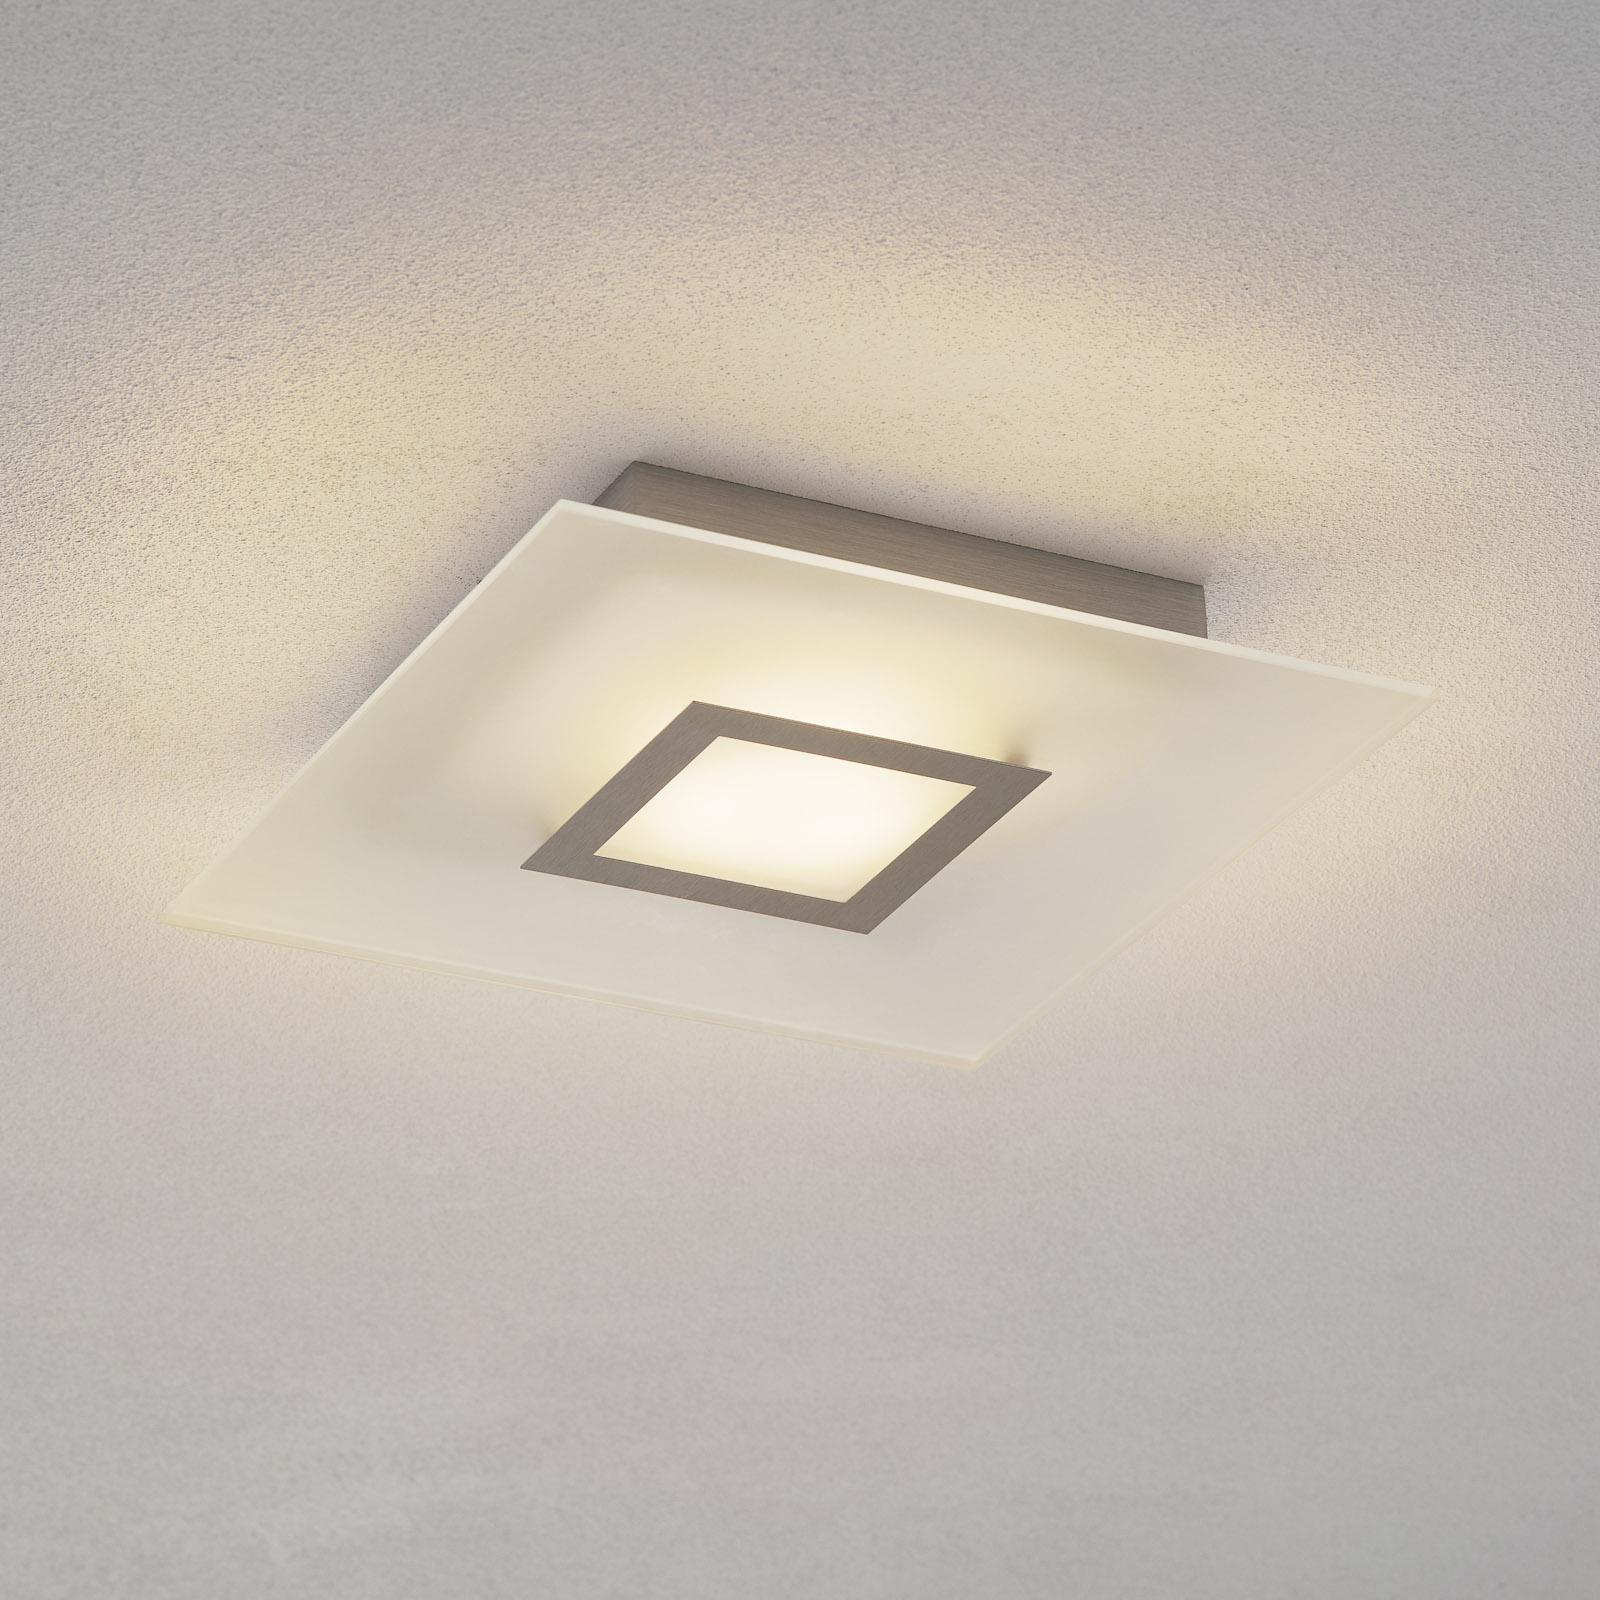 Plafón LED Flat cuadrado, atenuable